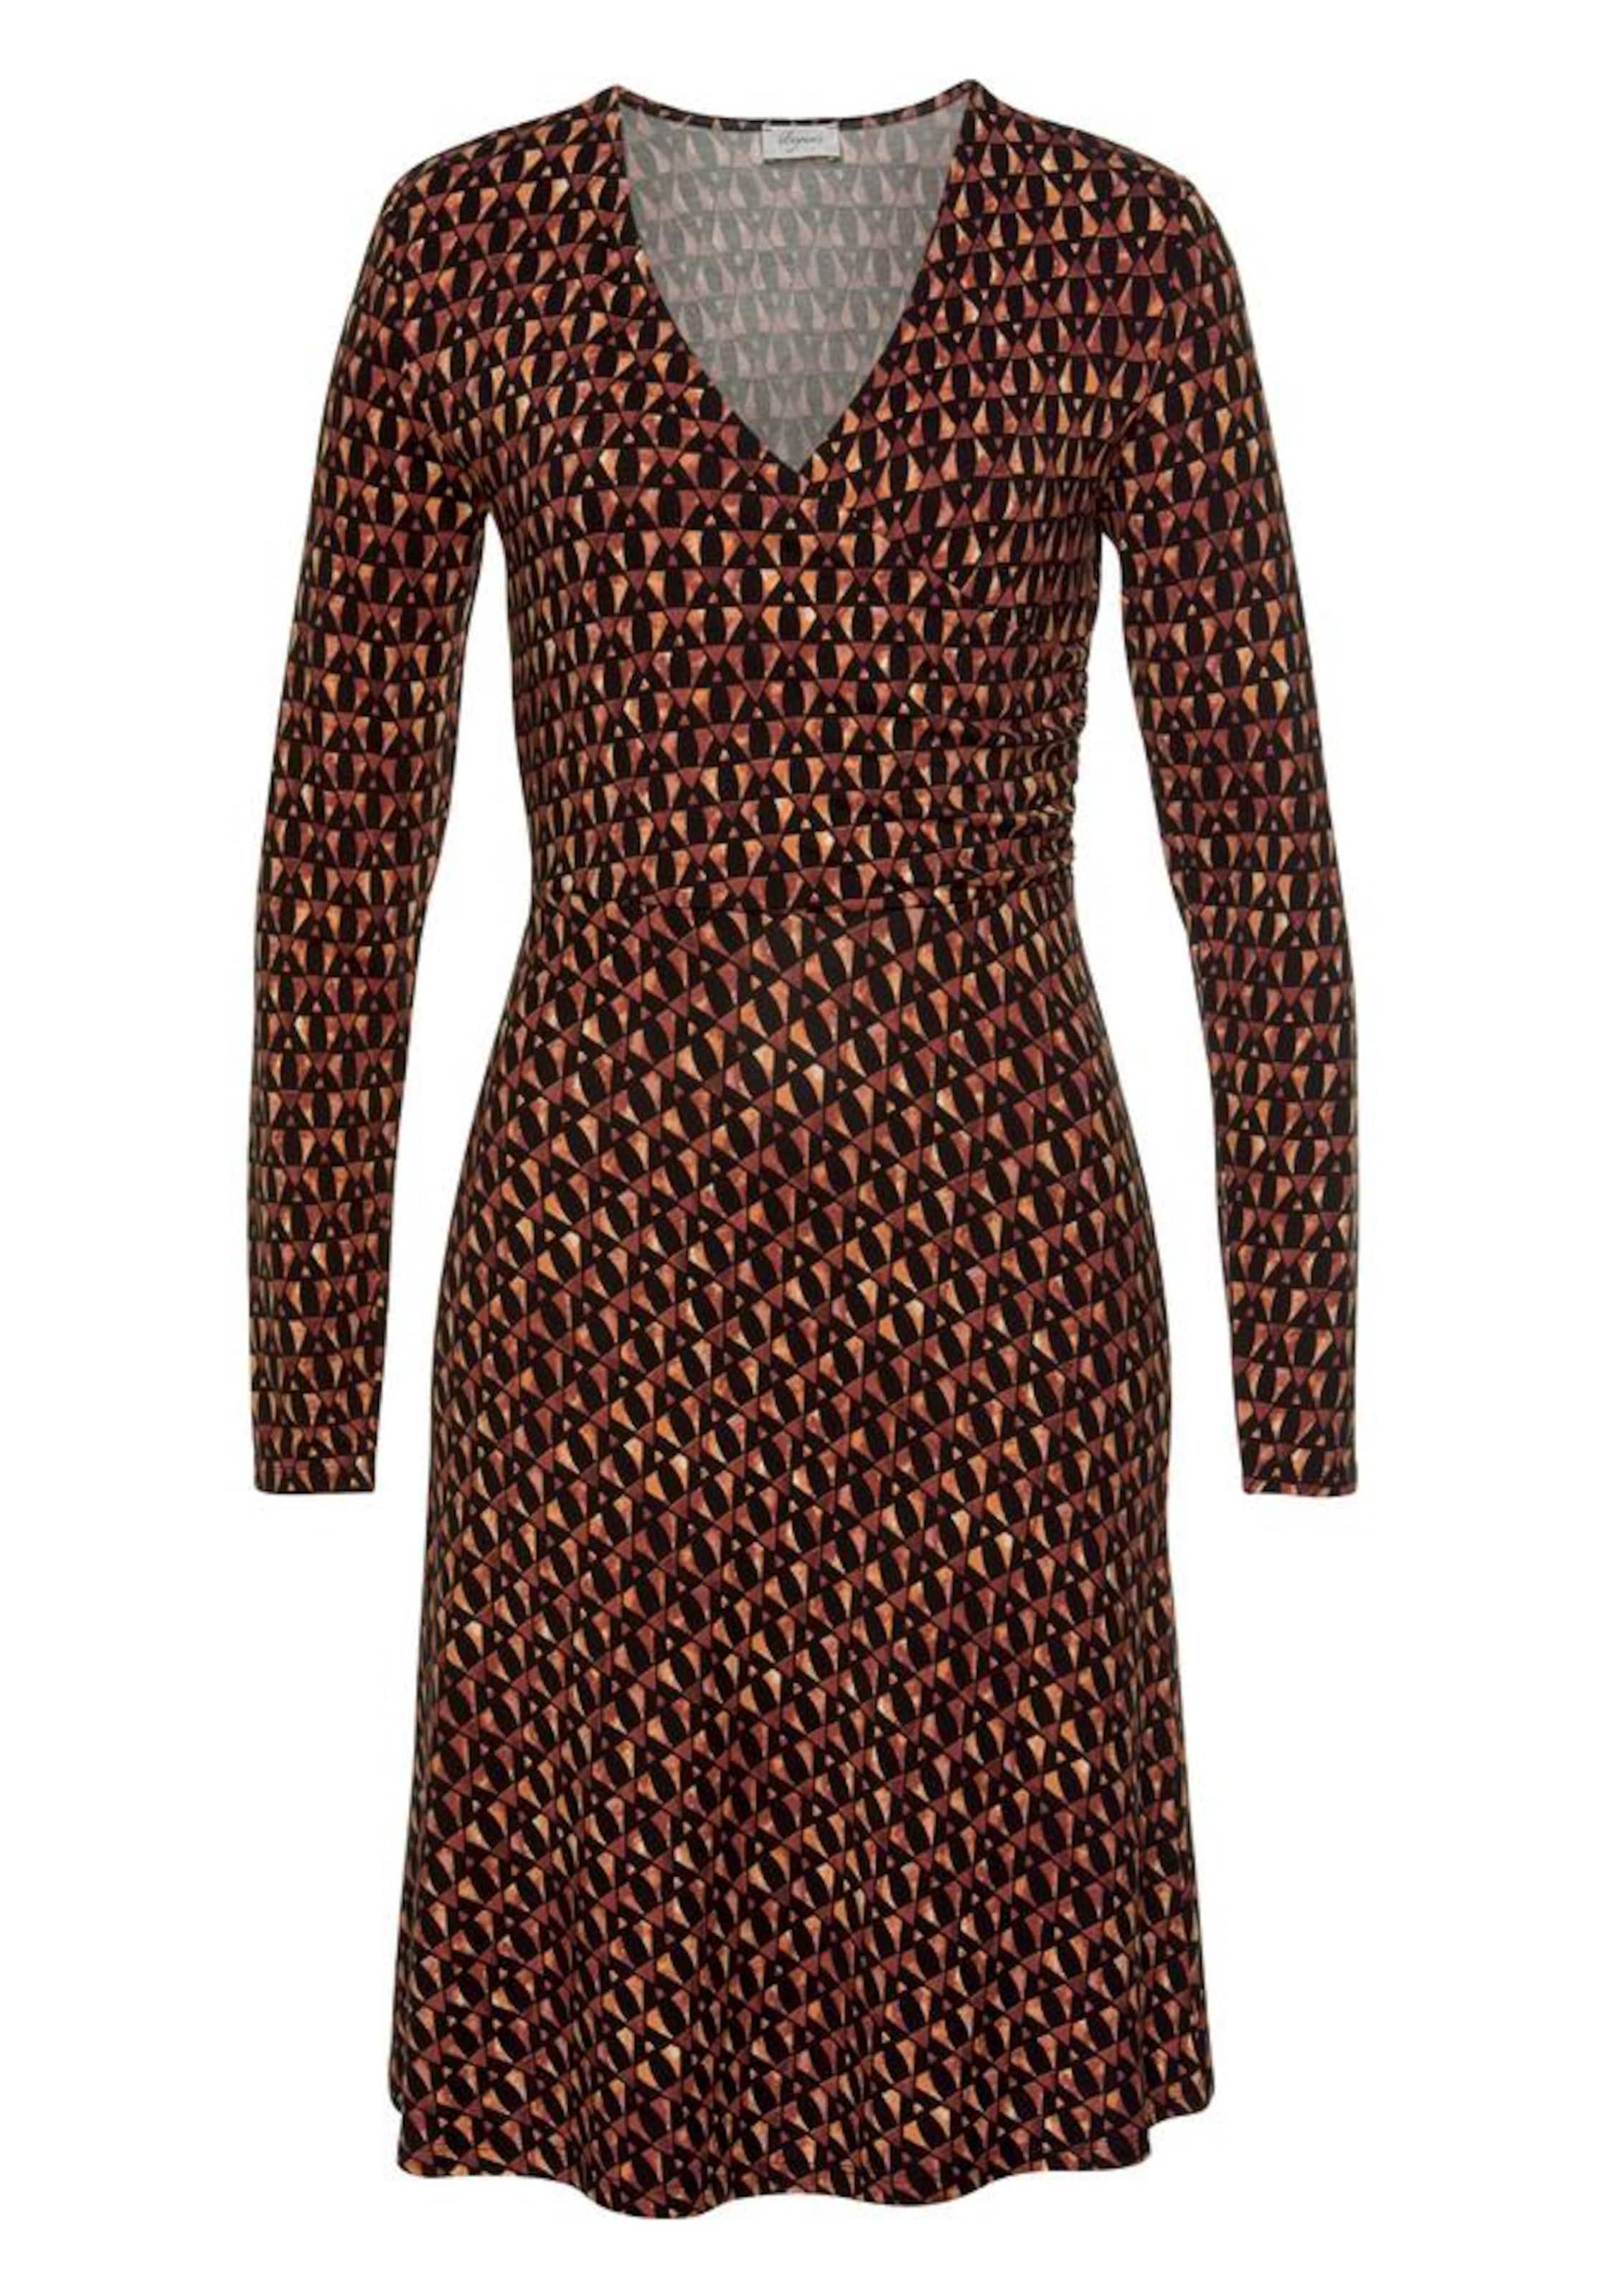 Kleid RostbraunGold In Boysen's Kleid In Boysen's Schwarz A3Rj4L5